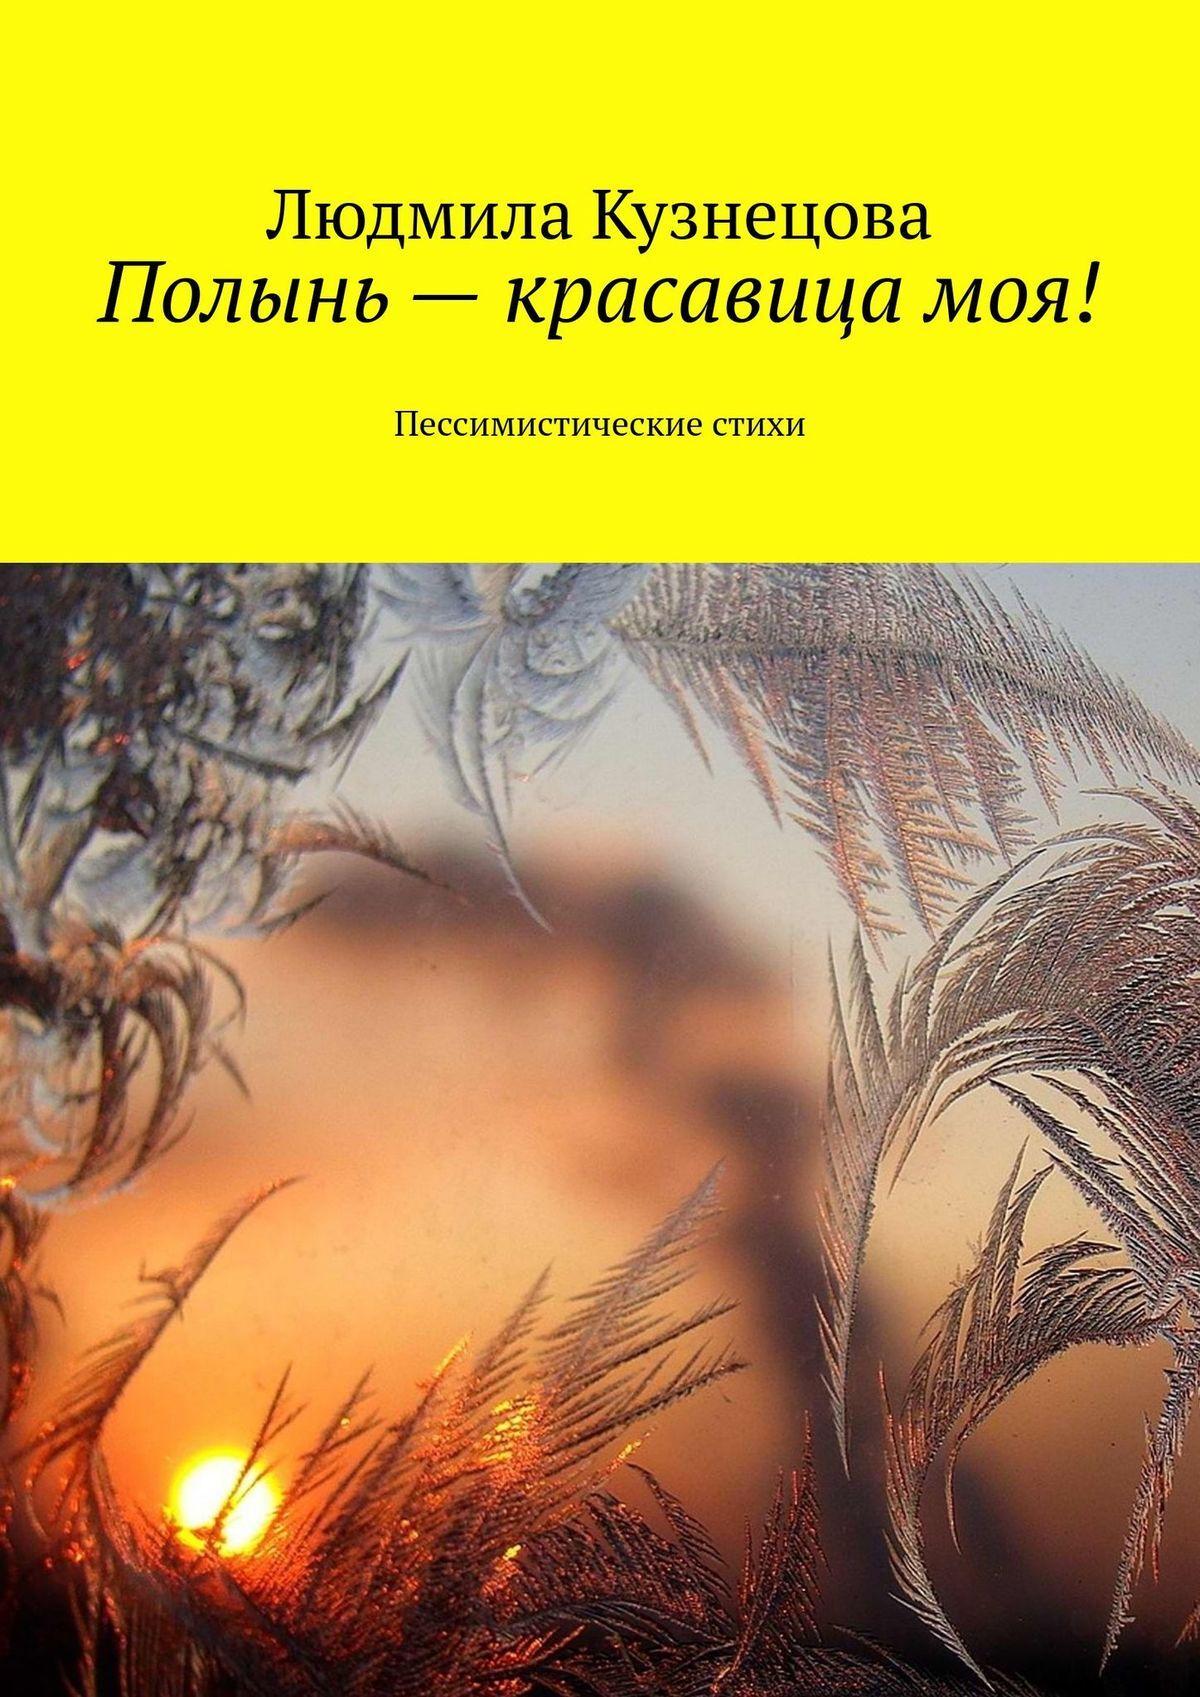 Людмила Кузнецова Полынь– красавицамоя! Пессимистические стихи